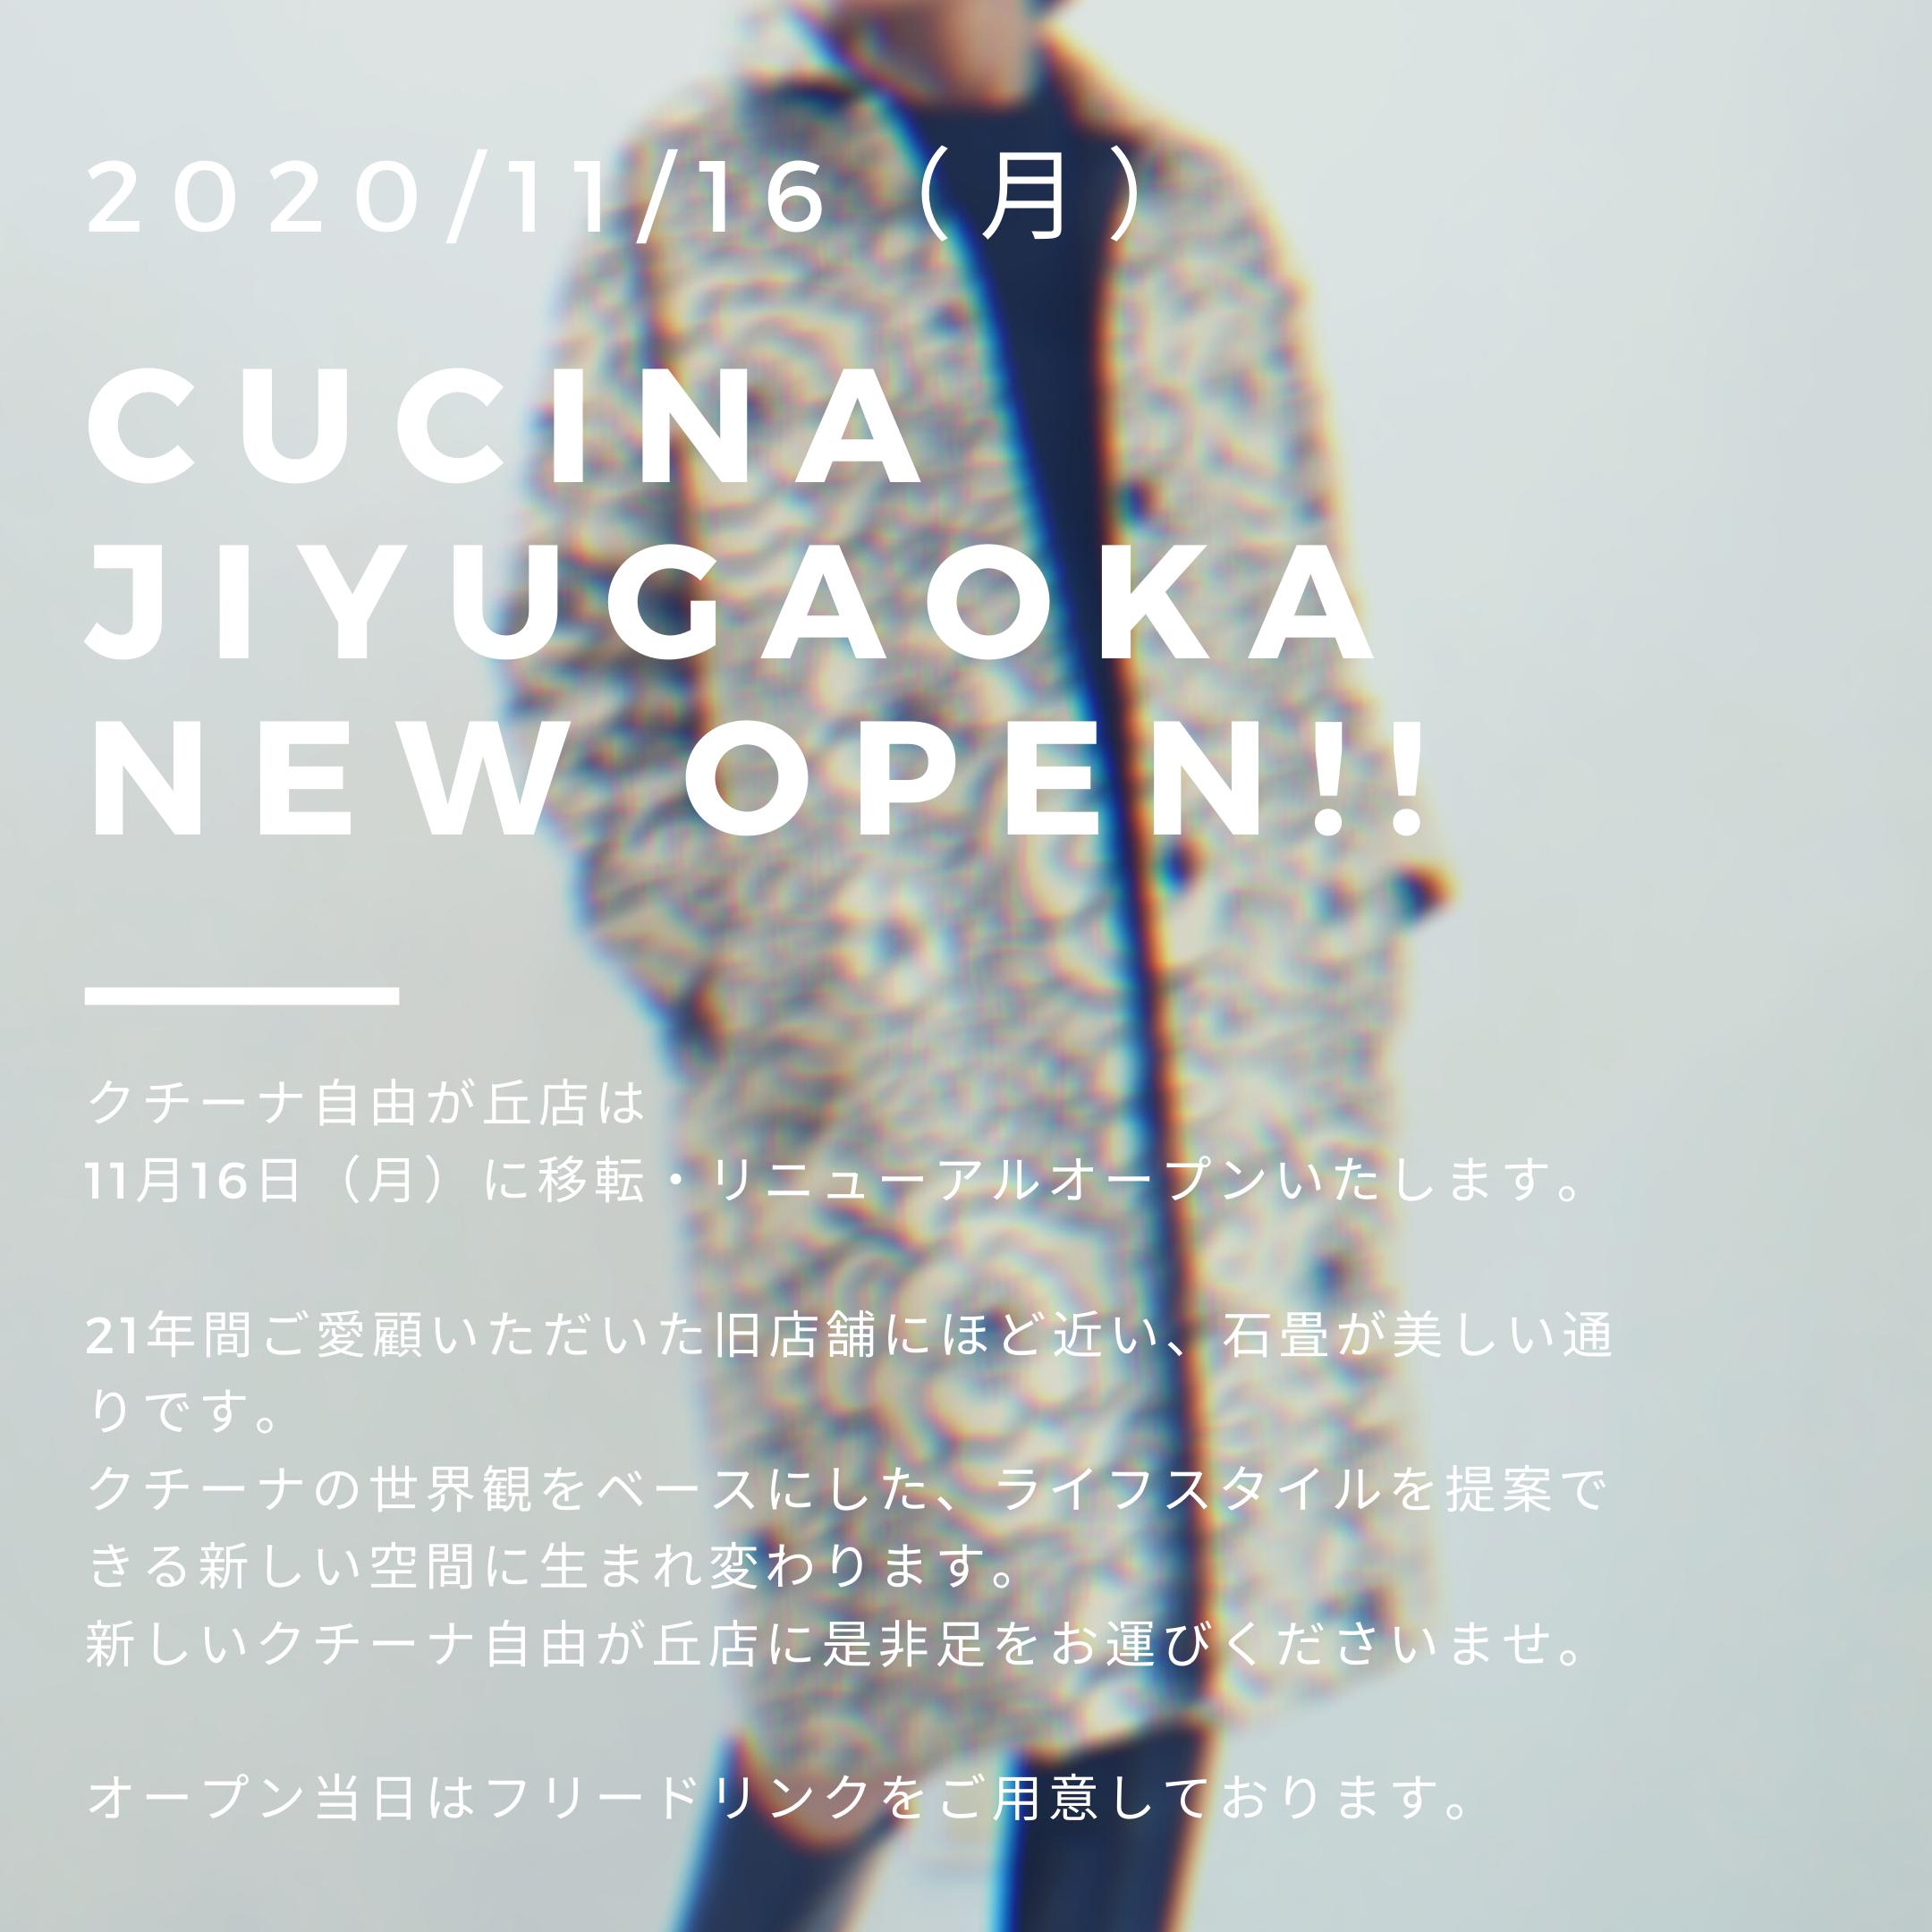 クチーナ自由が丘店ブログ vol.29 ~移転リニューアルオープンのご案内~